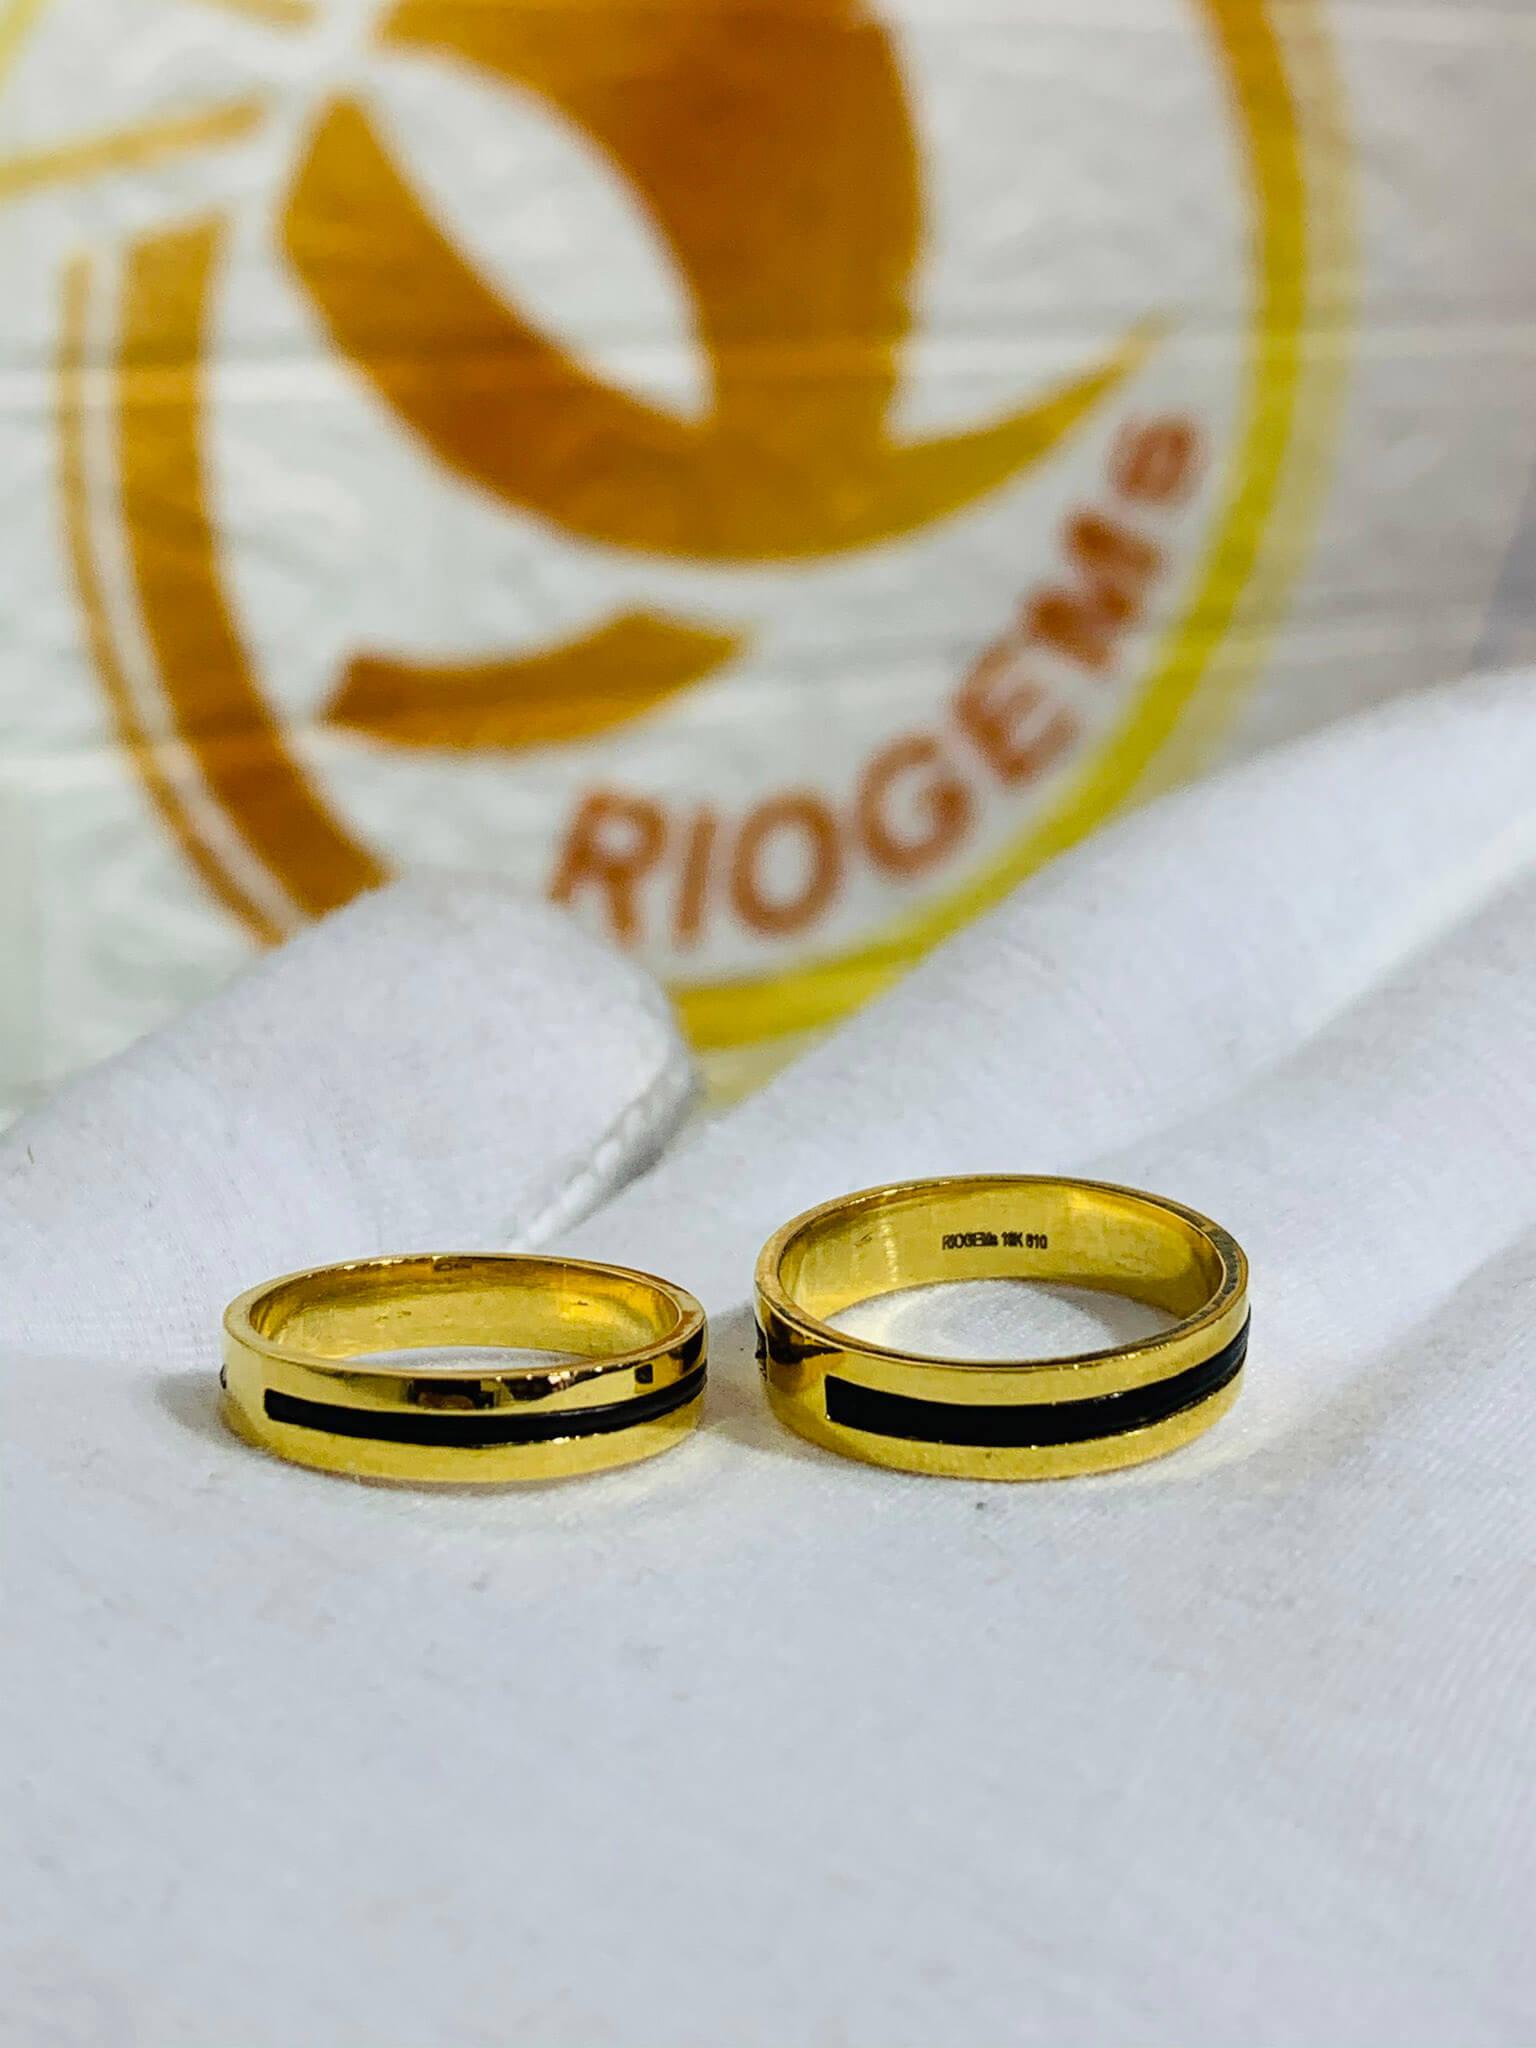 Cặp nhẫn vàng vuông đơn giản làm tay luồng 1 lông thành công